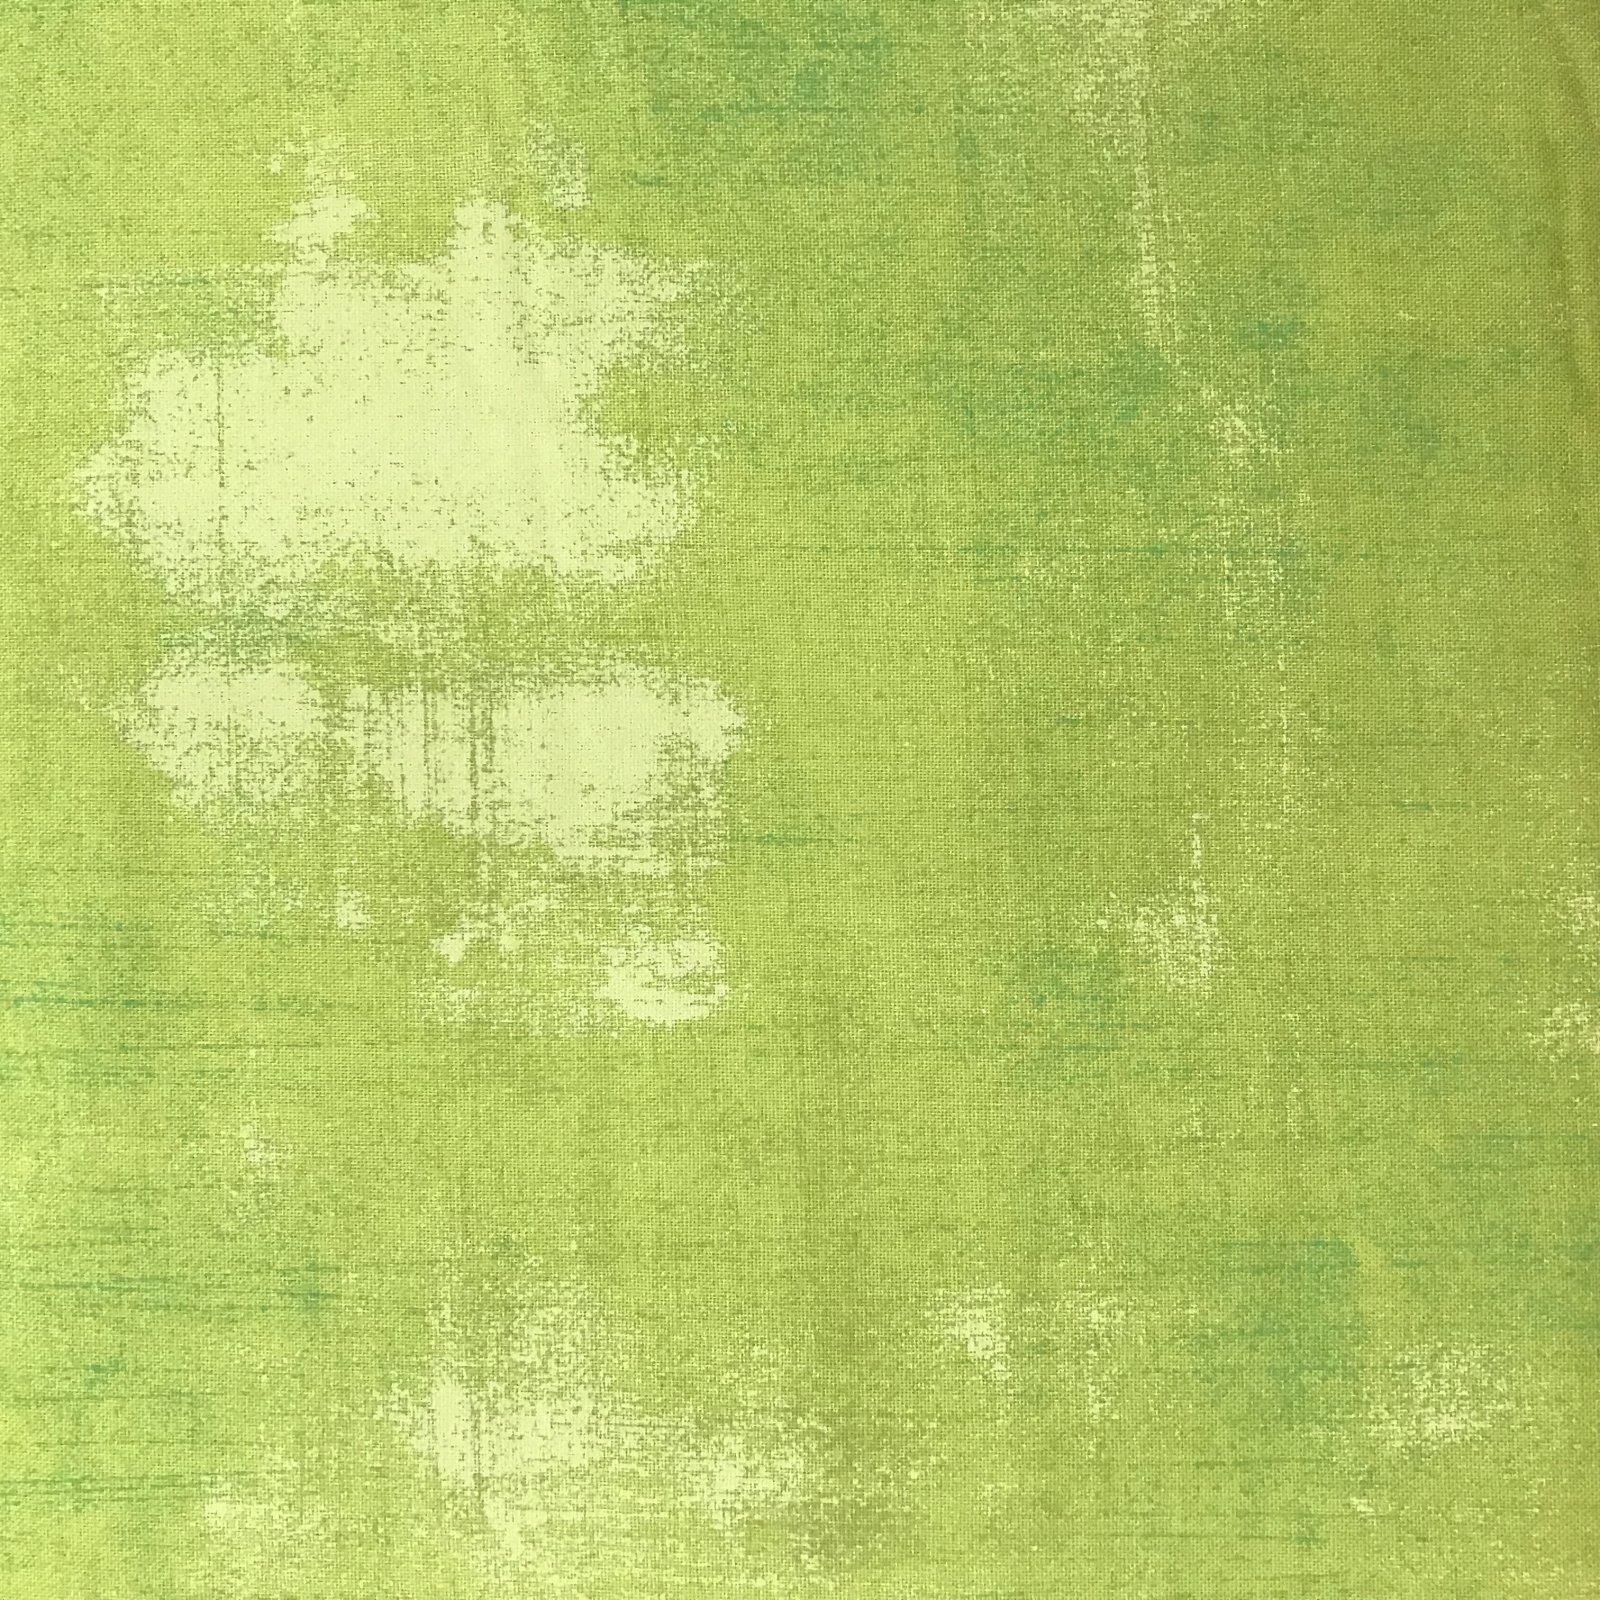 Grunge Basics Key Lime 30150 303